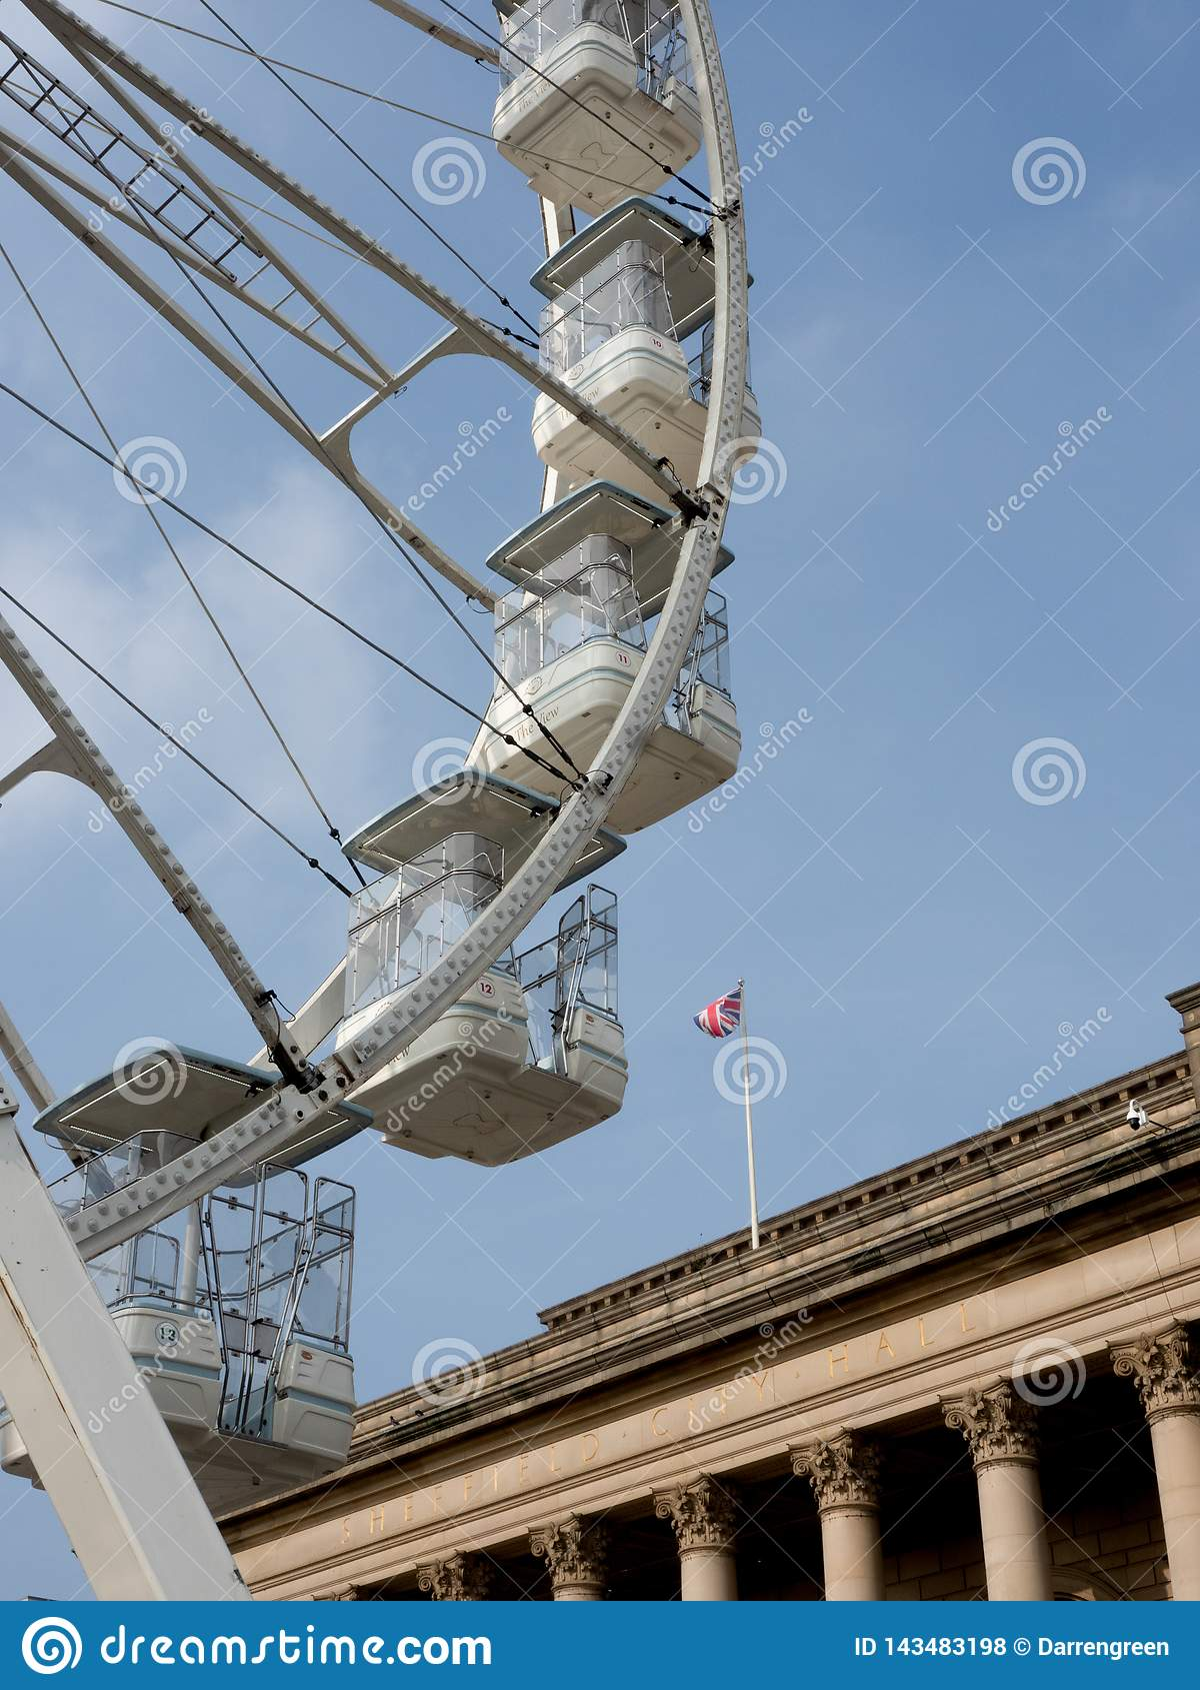 Ferris wheel outside Sheffield City Hall